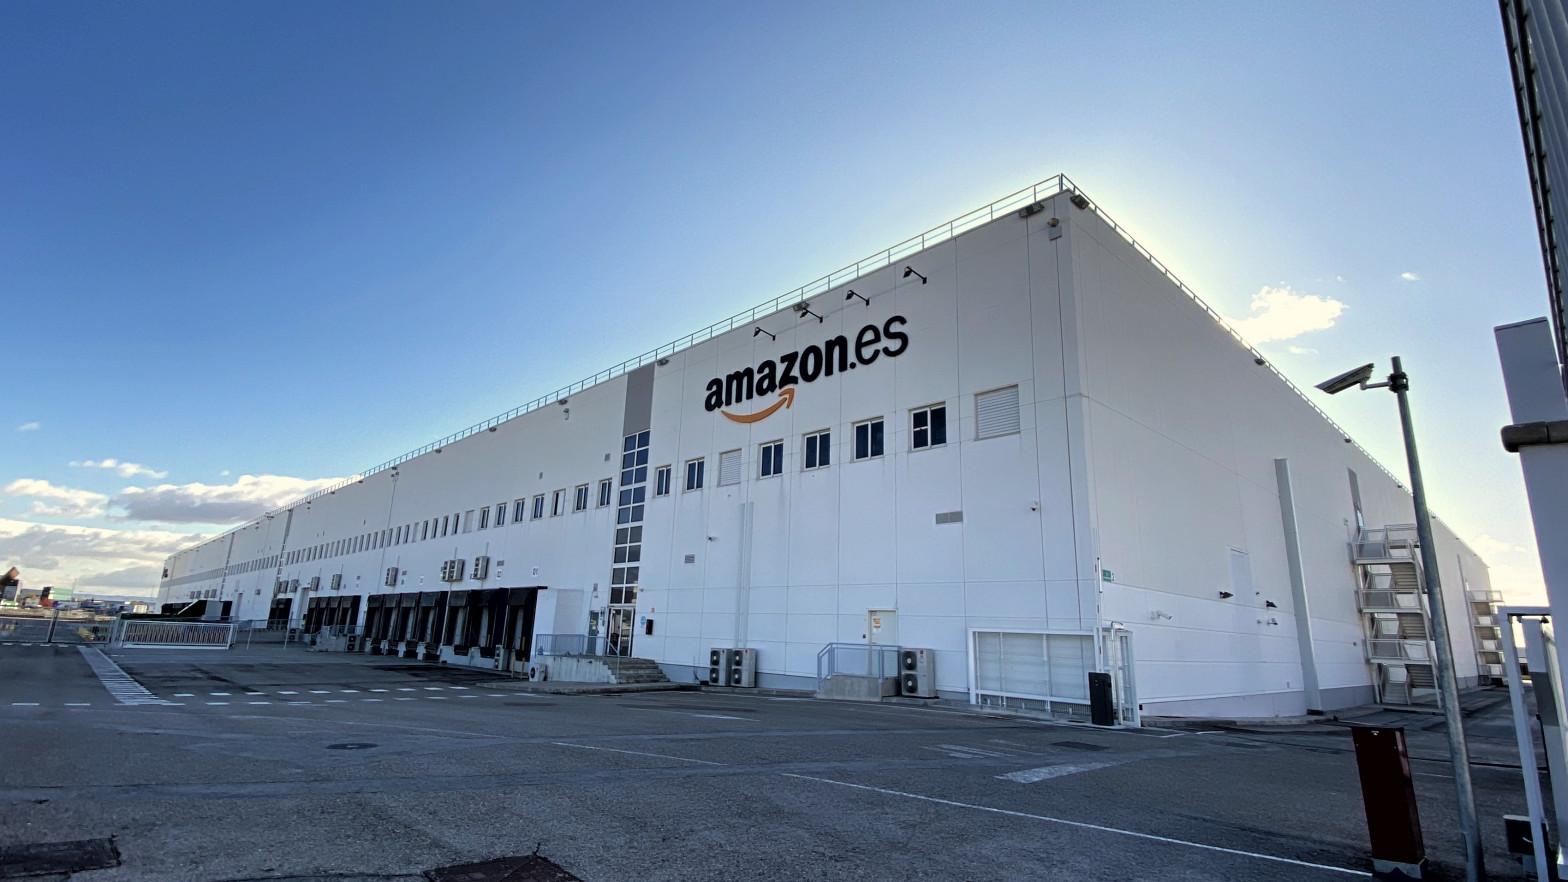 La filial logística de Amazon en España reduce un 28% su beneficio en 2020, hasta 13,11 millones